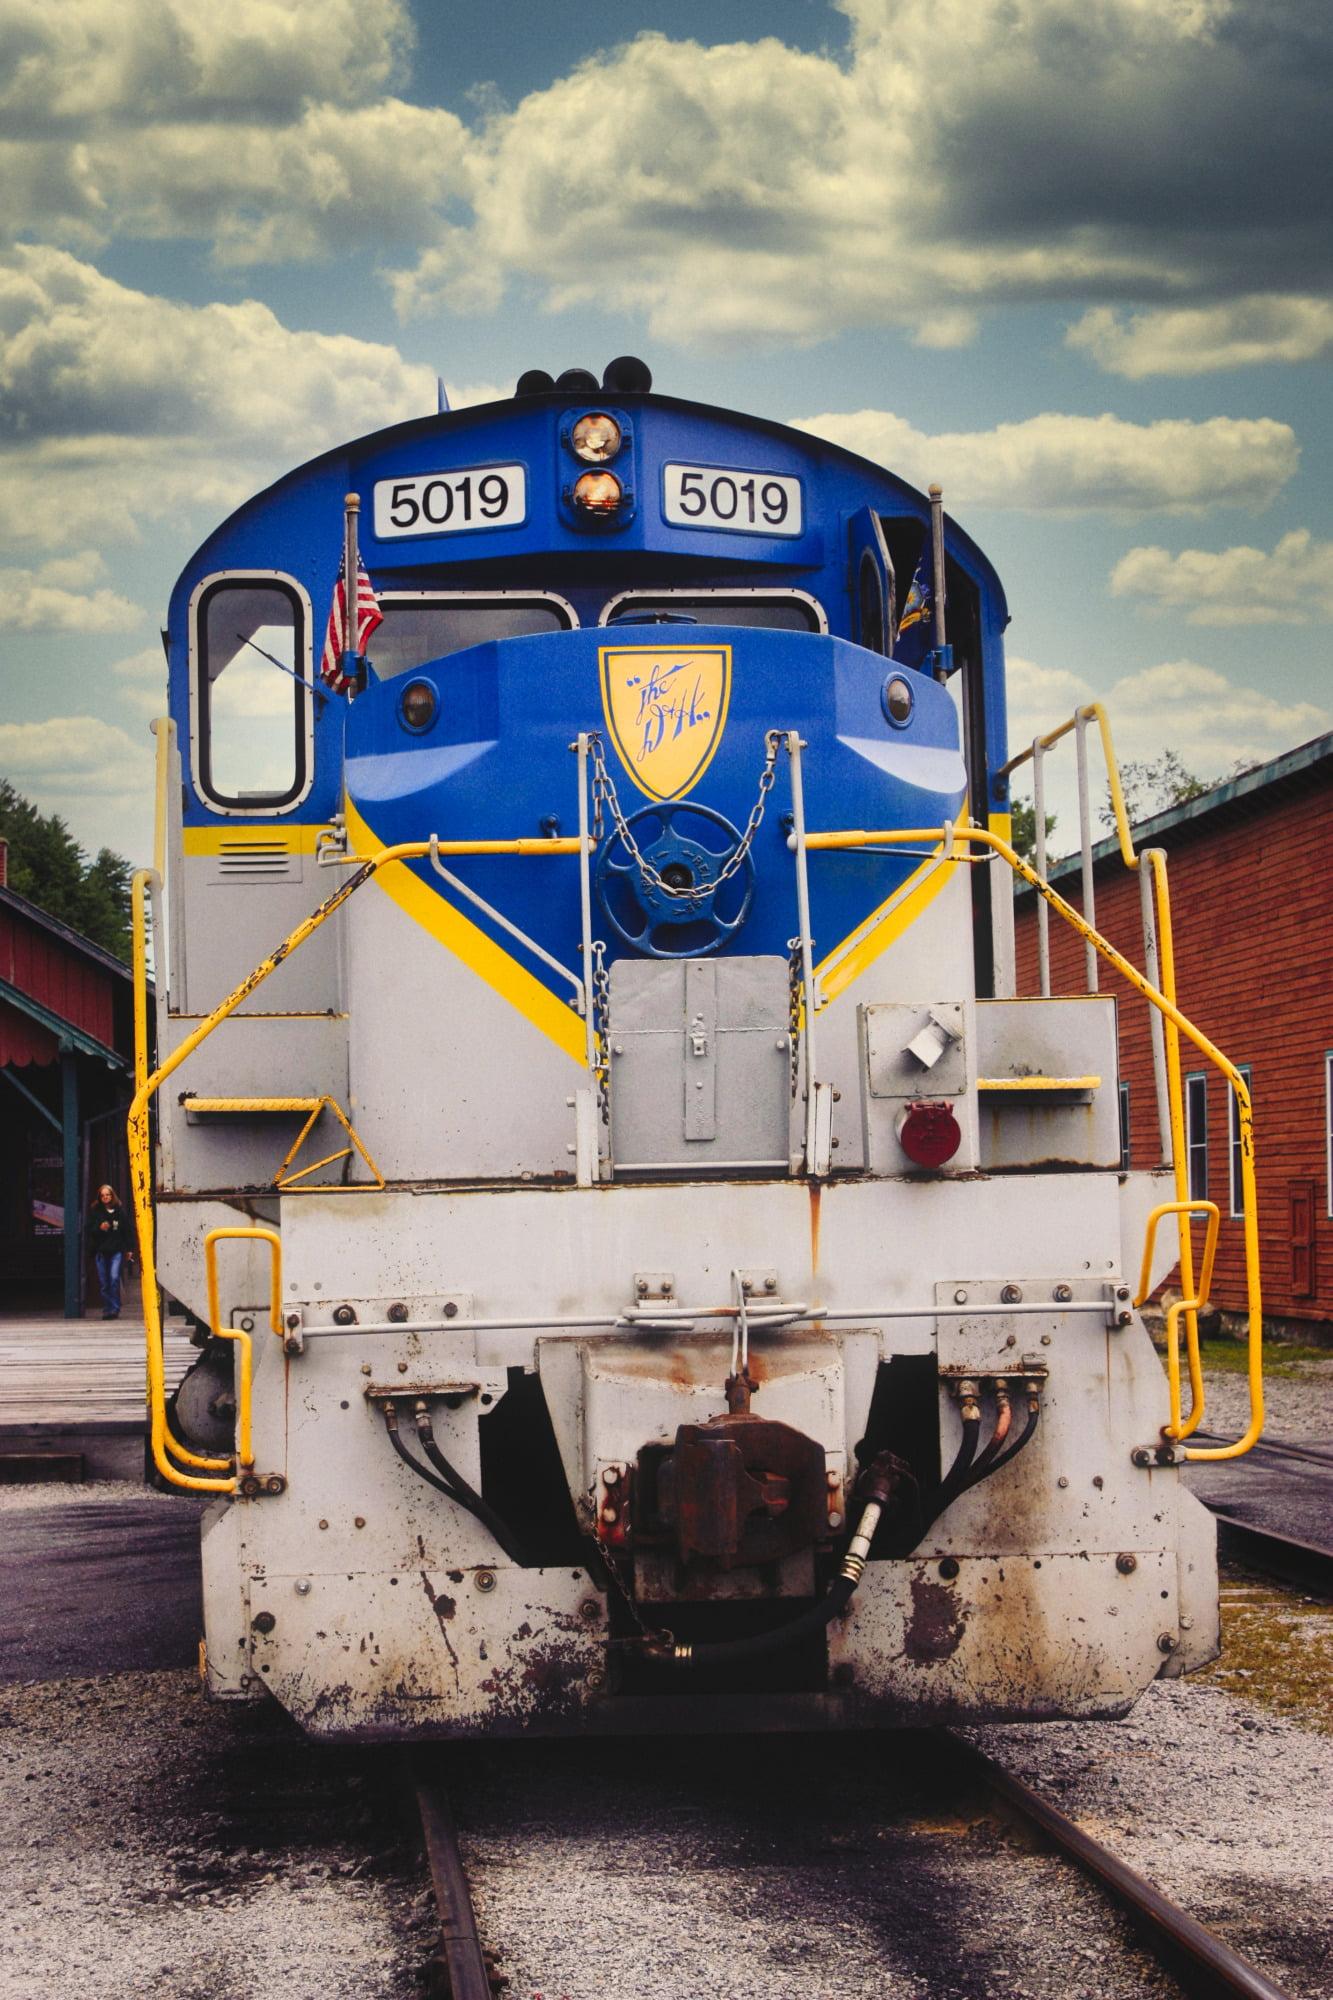 Upper Hudson River Railroad 5019 At Station